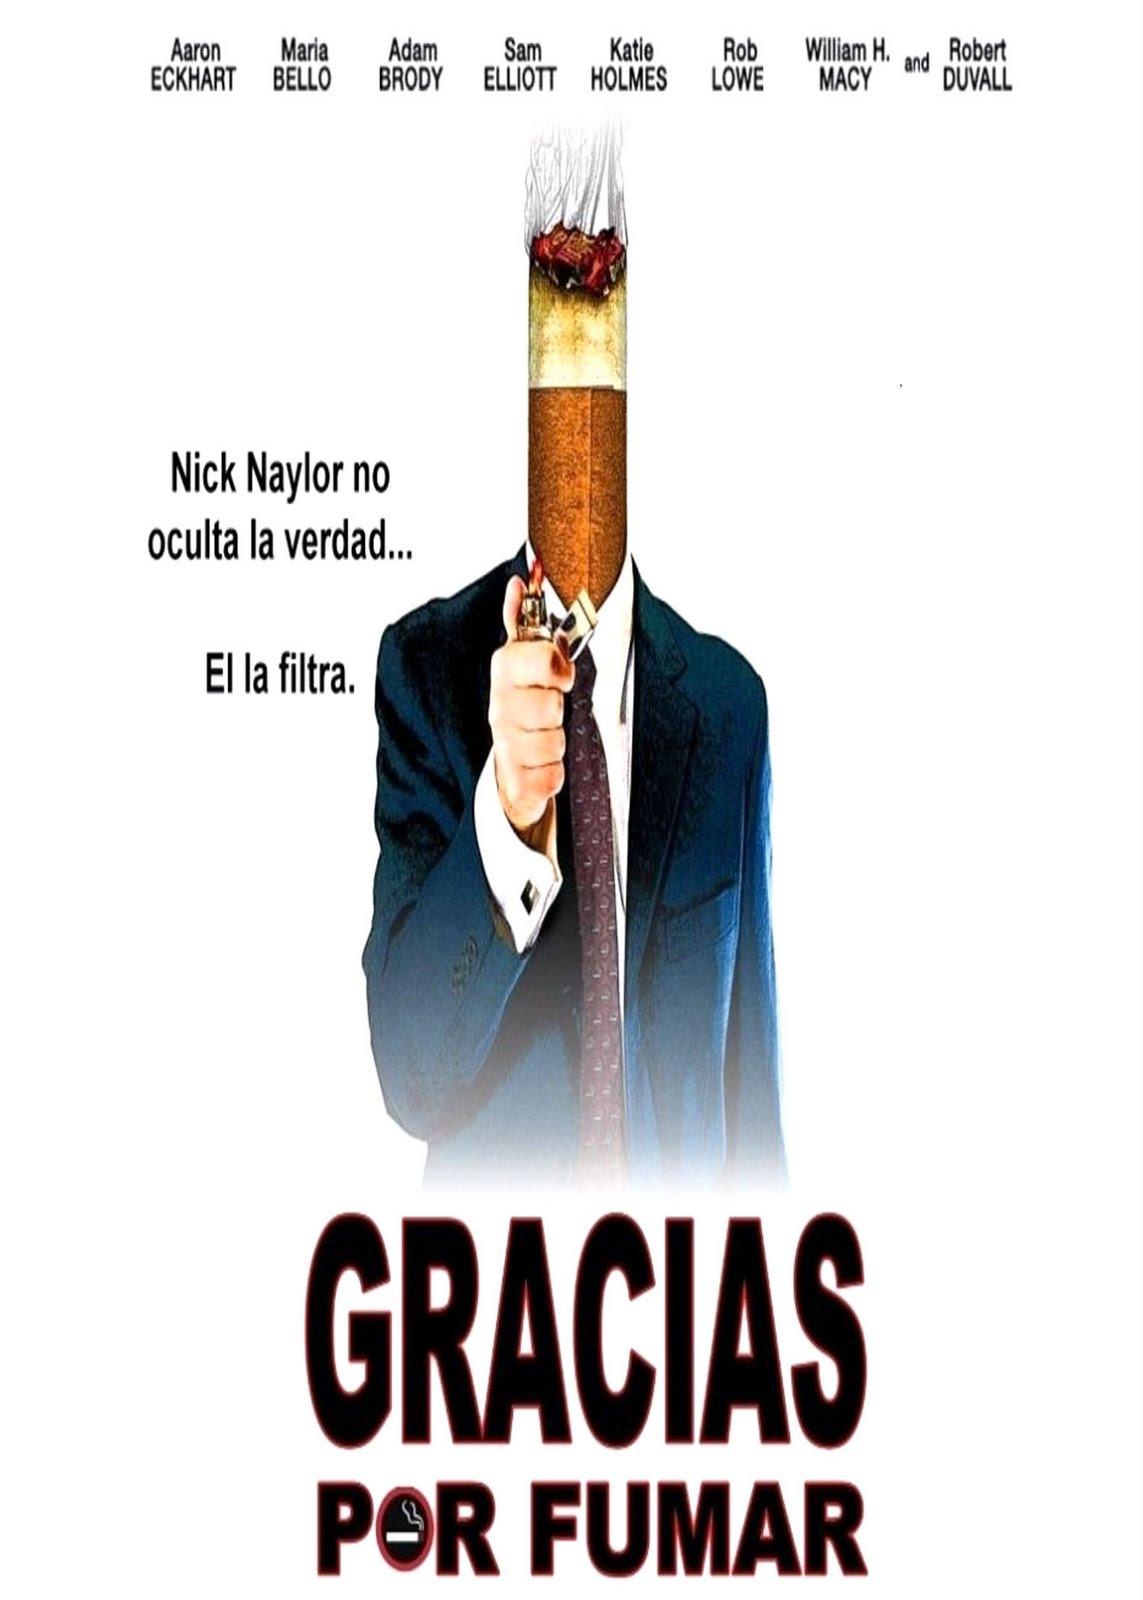 http://2.bp.blogspot.com/-2_qMg_QQu5U/Ticcx8JxejI/AAAAAAAAFyc/sBs9P2cljyo/s1600/Gracias%2BPor%2BFumar.jpg